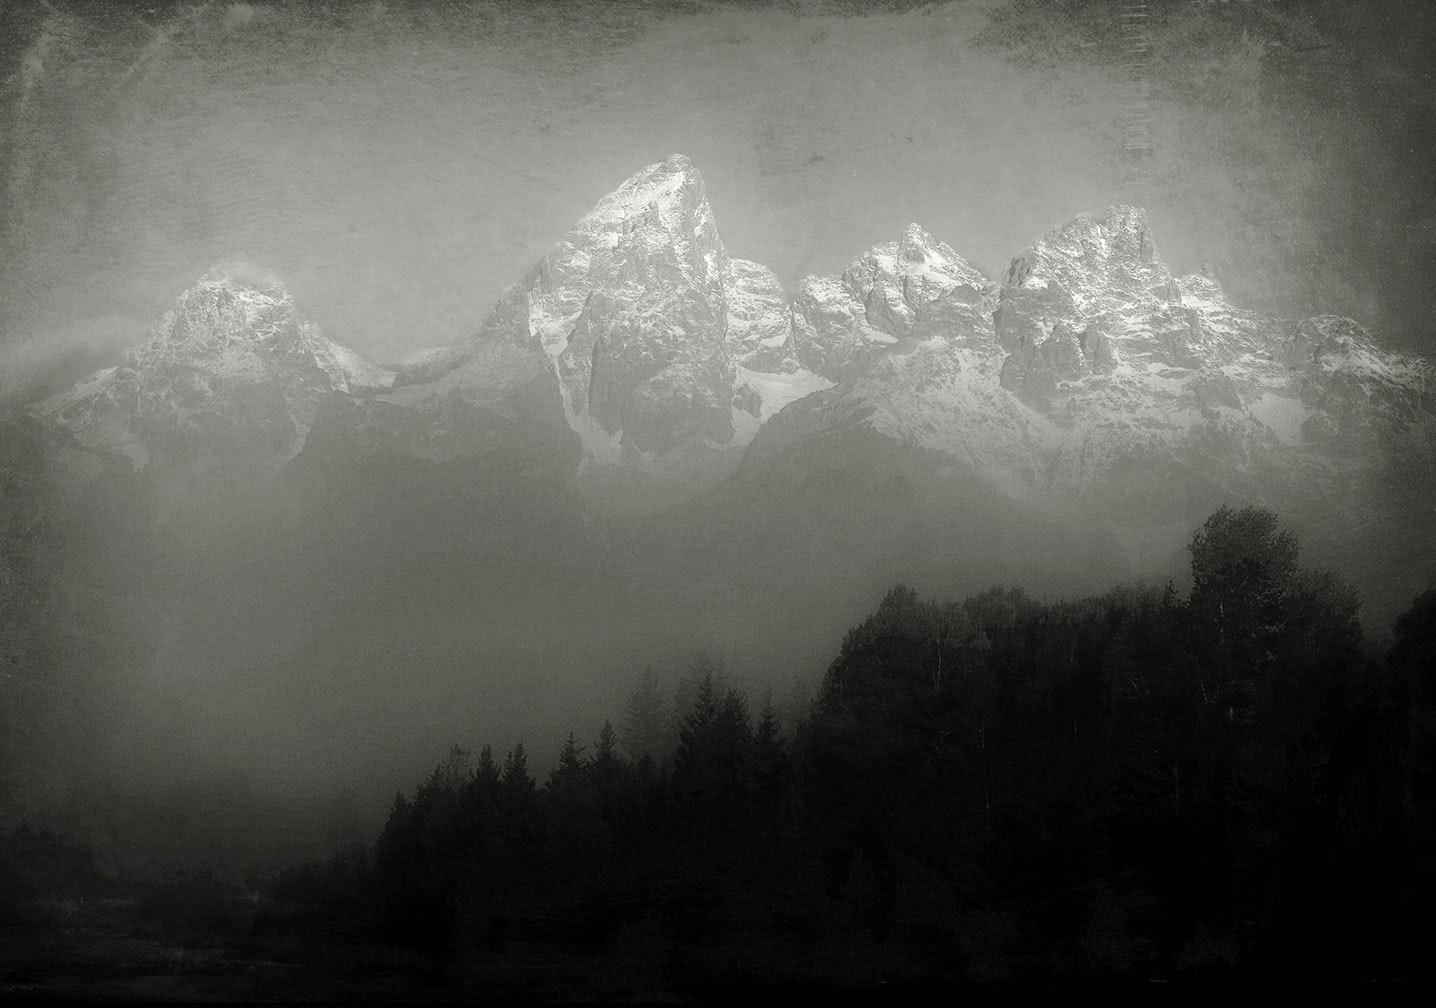 Tetons In Fog